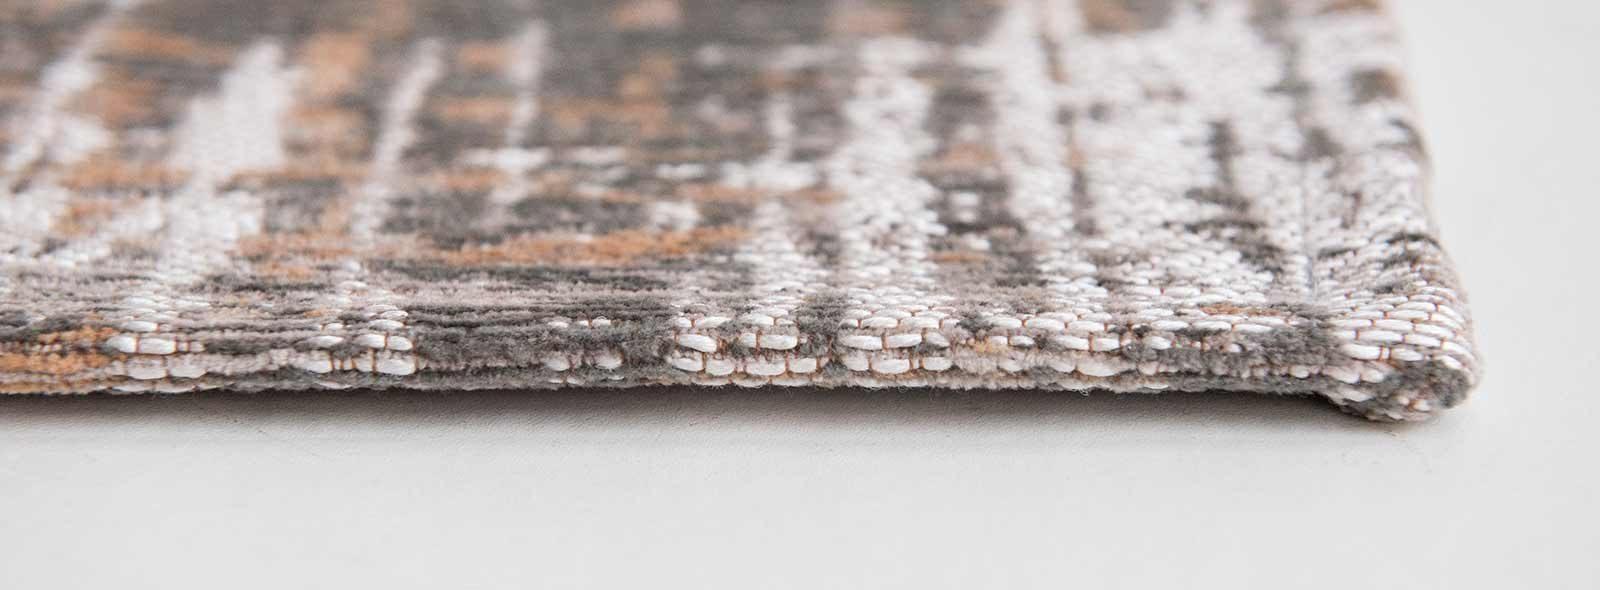 rugs Louis De Poortere LX8717 Atlantic Streaks Parsons Powder side